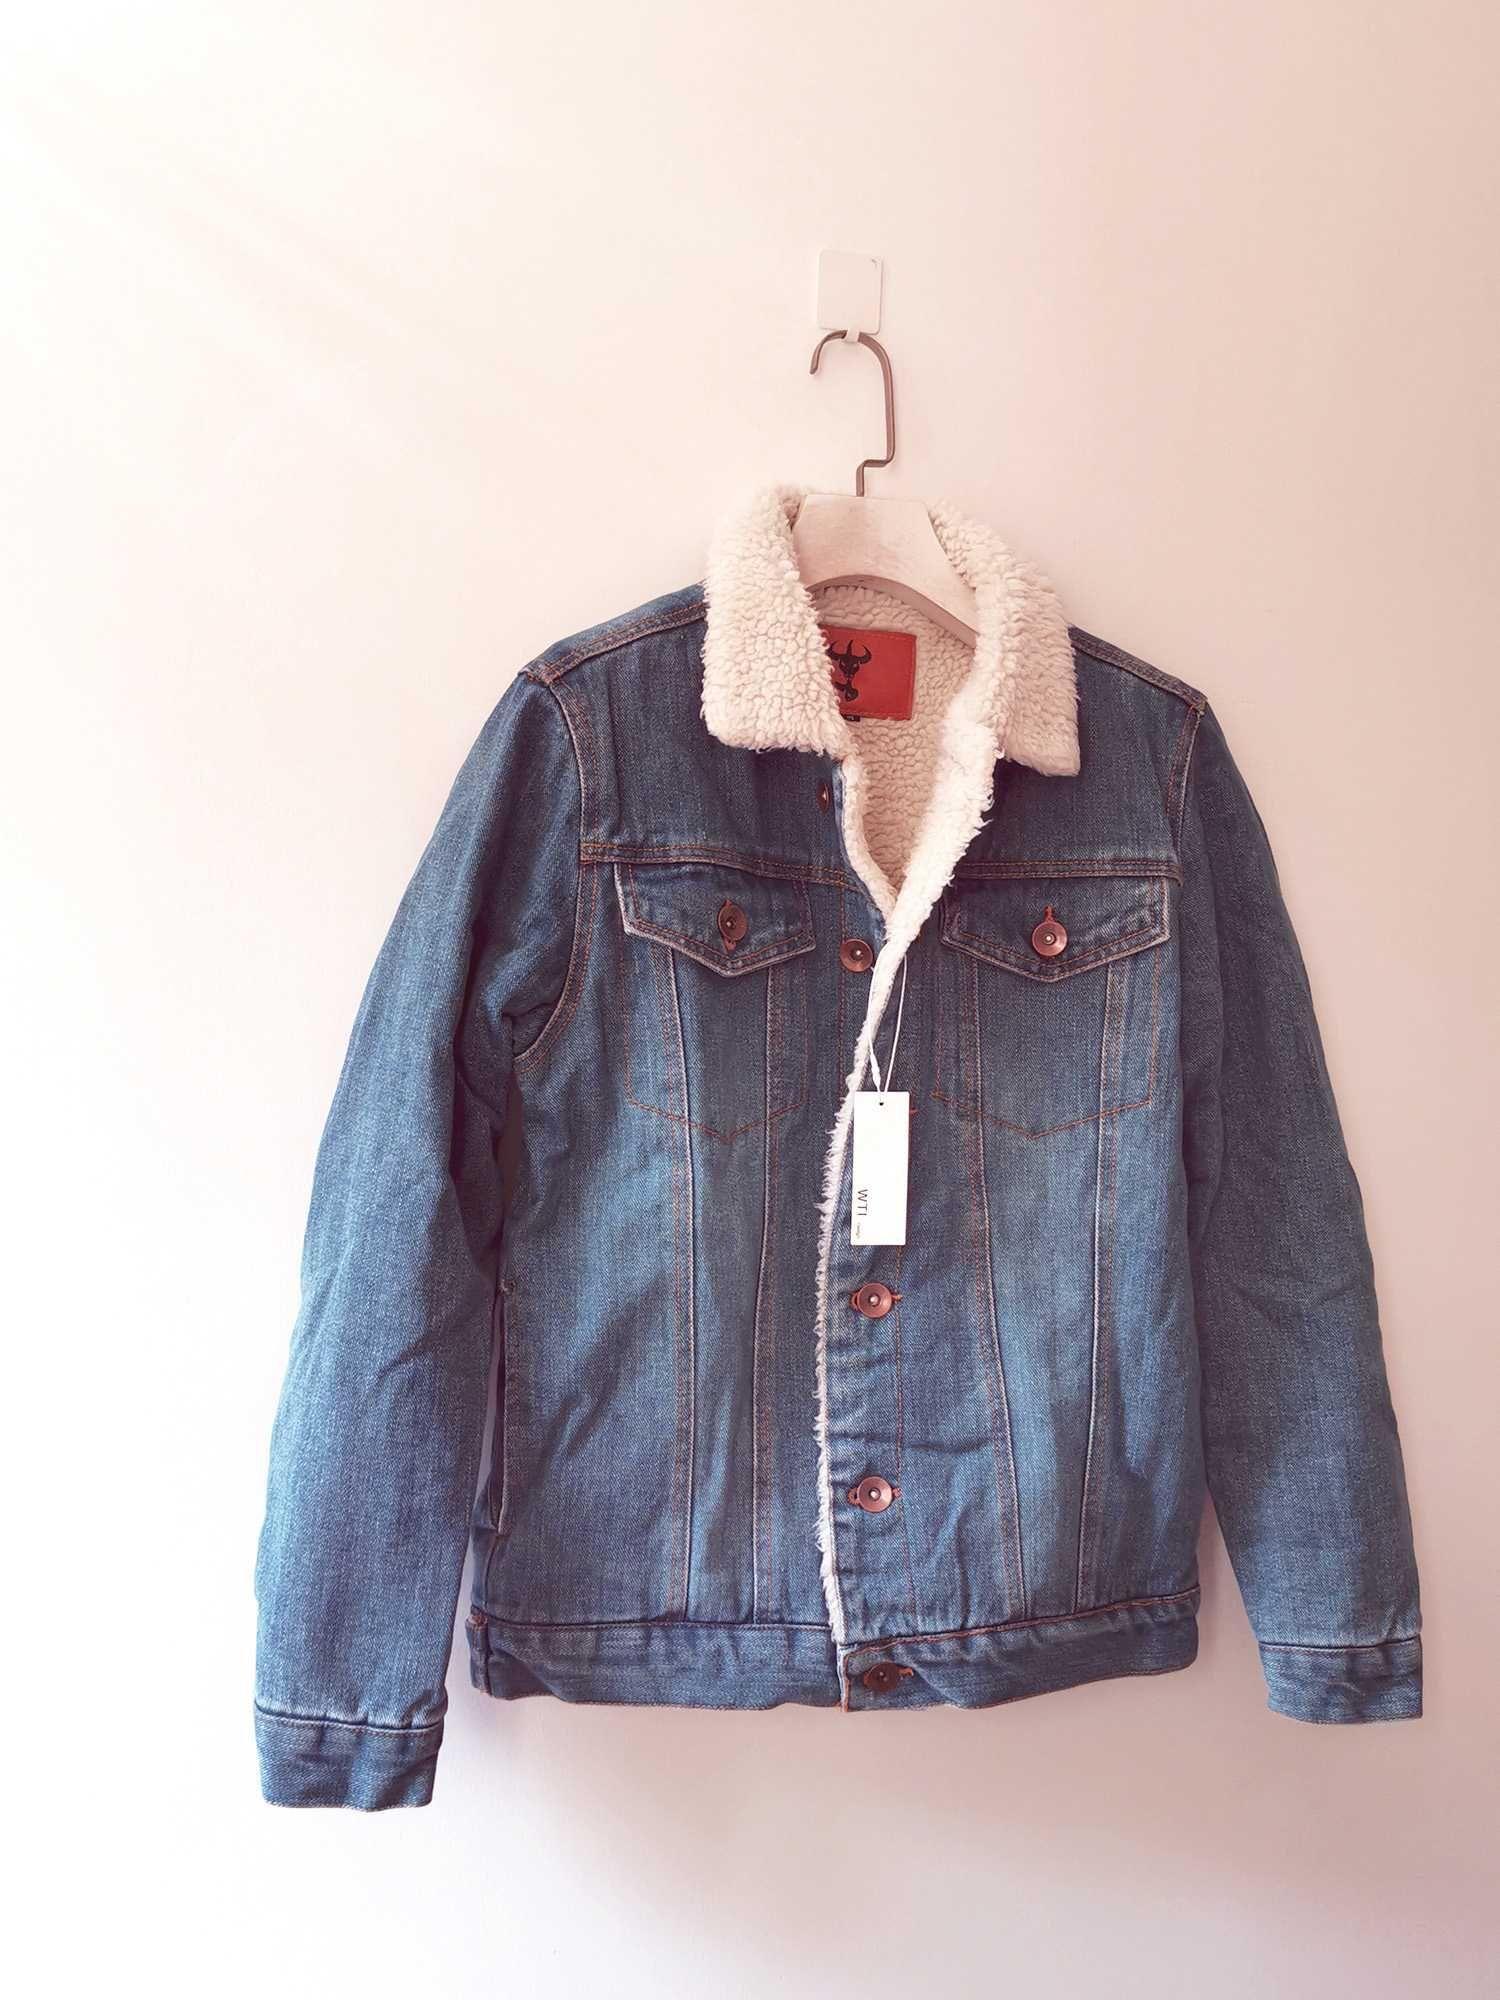 Blue Jean Jacket With Fur Lined Denim Jacket Oversized Faux Fur Denim Jacket Ladies Sherpa Lined Je Denim Jacket With Fur Lined Denim Jacket Denim Jacket Women [ 2000 x 1500 Pixel ]